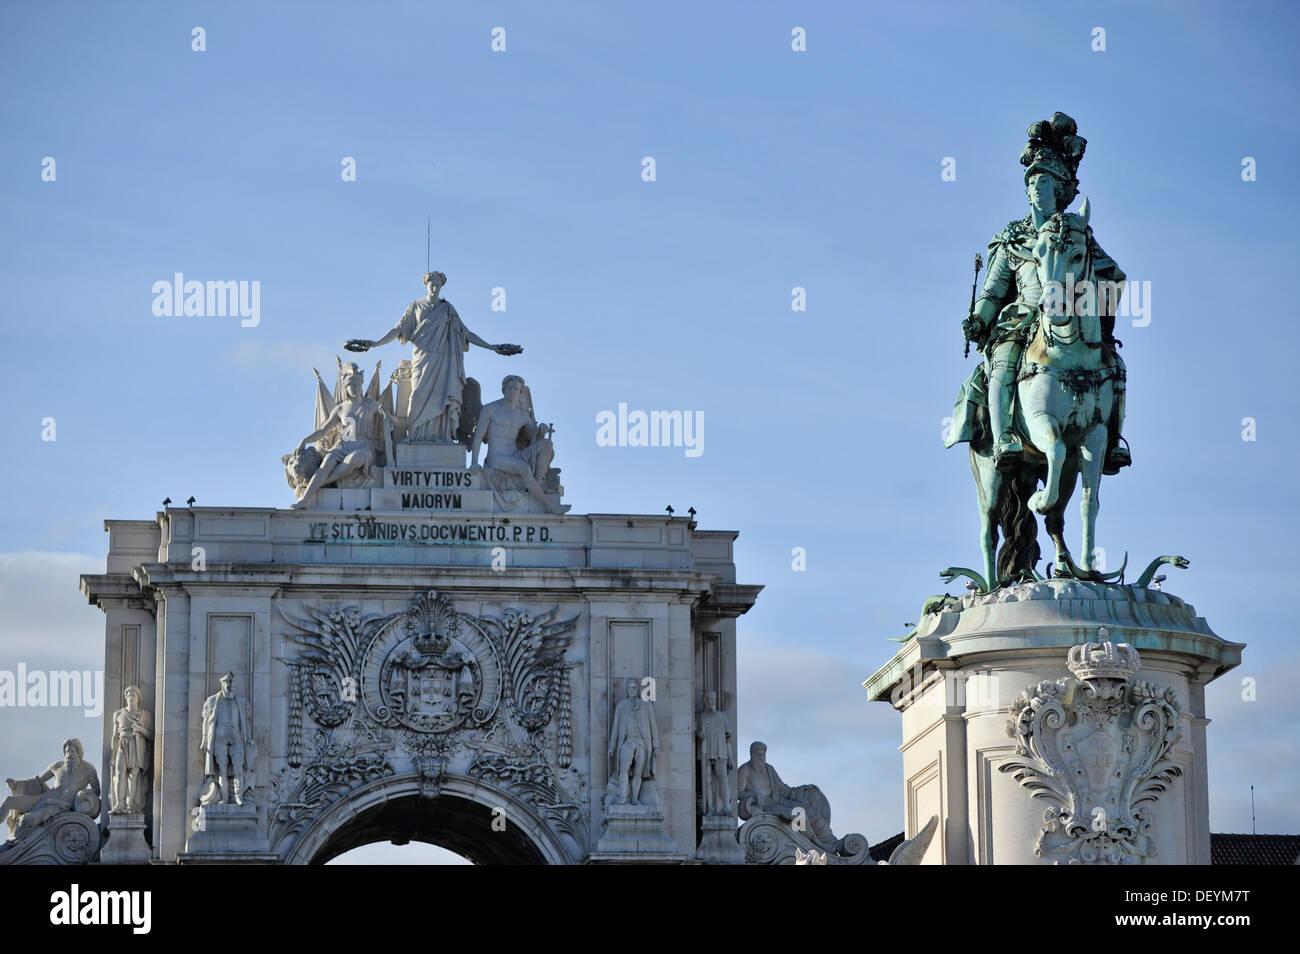 Arco da Rua Augusta arch and statue of King José I., Praça do Comércio, Lisbon, Portugal, Europe - Stock Image